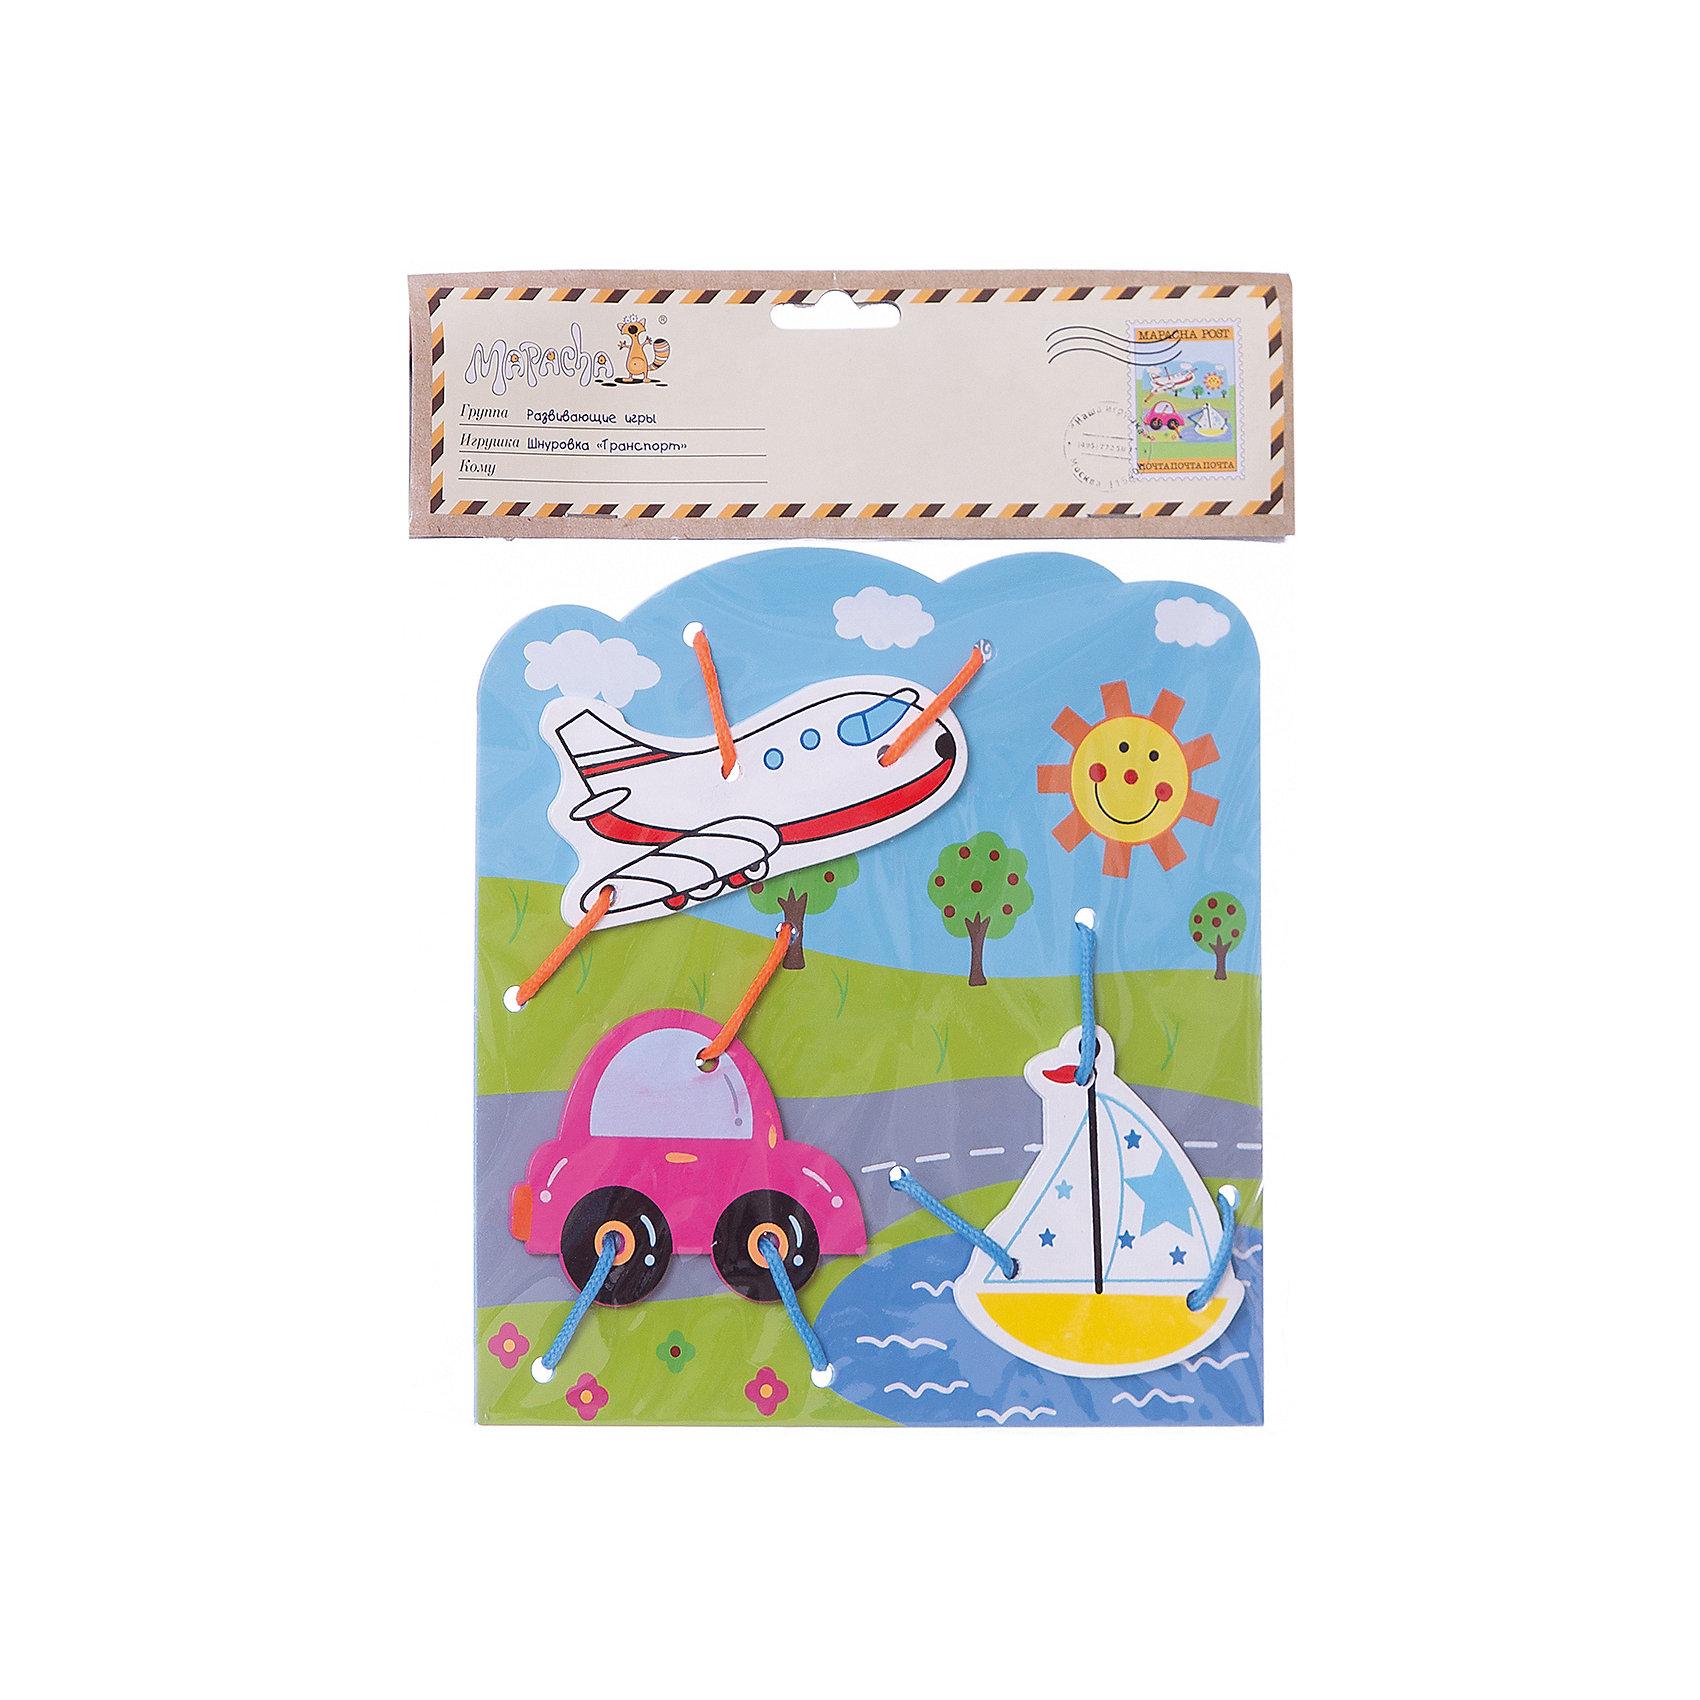 Шнуровка Транспорт, MapachaШнуровки – вид развивающих игрушек, которые обучают ребенка практическим навыкам. Шнуровка научит обращаться со шнурками, завязывать узелки и бантики. Красивый дизайн игрушки, интересный рисунок, экологический материал, яркие цвета и стильный дизайн сделают модель любимой вещицей у малыша. Игрушка тренирует мелкую моторику, аккуратность, а так же тренирует логику и воображение. Материалы, использованные при изготовлении товара, абсолютно безопасны и отвечают всем международным требованиям по качеству.<br><br>Дополнительные характеристики:<br><br>материал: натуральное дерево, текстиль;<br>цвет: разноцветный;<br>габариты: 21 X 1 X 28 см.<br><br>Шнуровку  Транспорт от компании Mapacha можно приобрести в нашем магазине.<br><br>Ширина мм: 420<br>Глубина мм: 590<br>Высота мм: 225<br>Вес г: 83<br>Возраст от месяцев: 36<br>Возраст до месяцев: 84<br>Пол: Унисекс<br>Возраст: Детский<br>SKU: 5032505